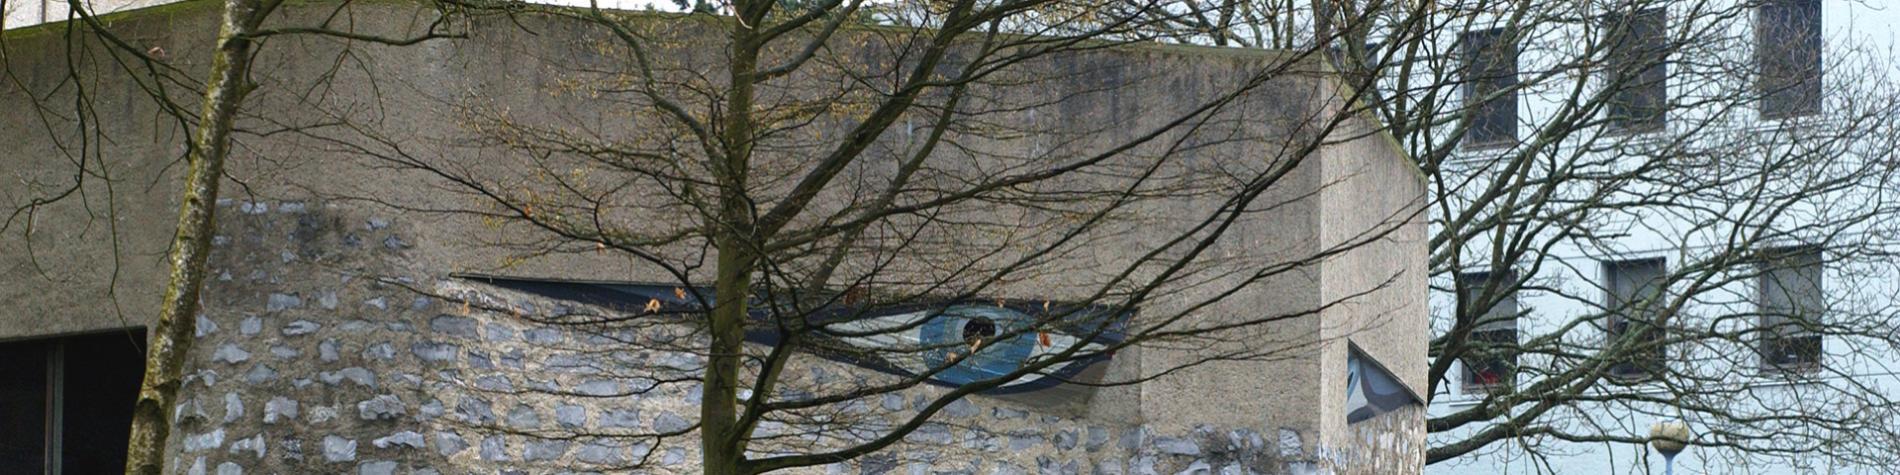 Musée - plein air - Sart Tilman - nature - architecture - art contemporain